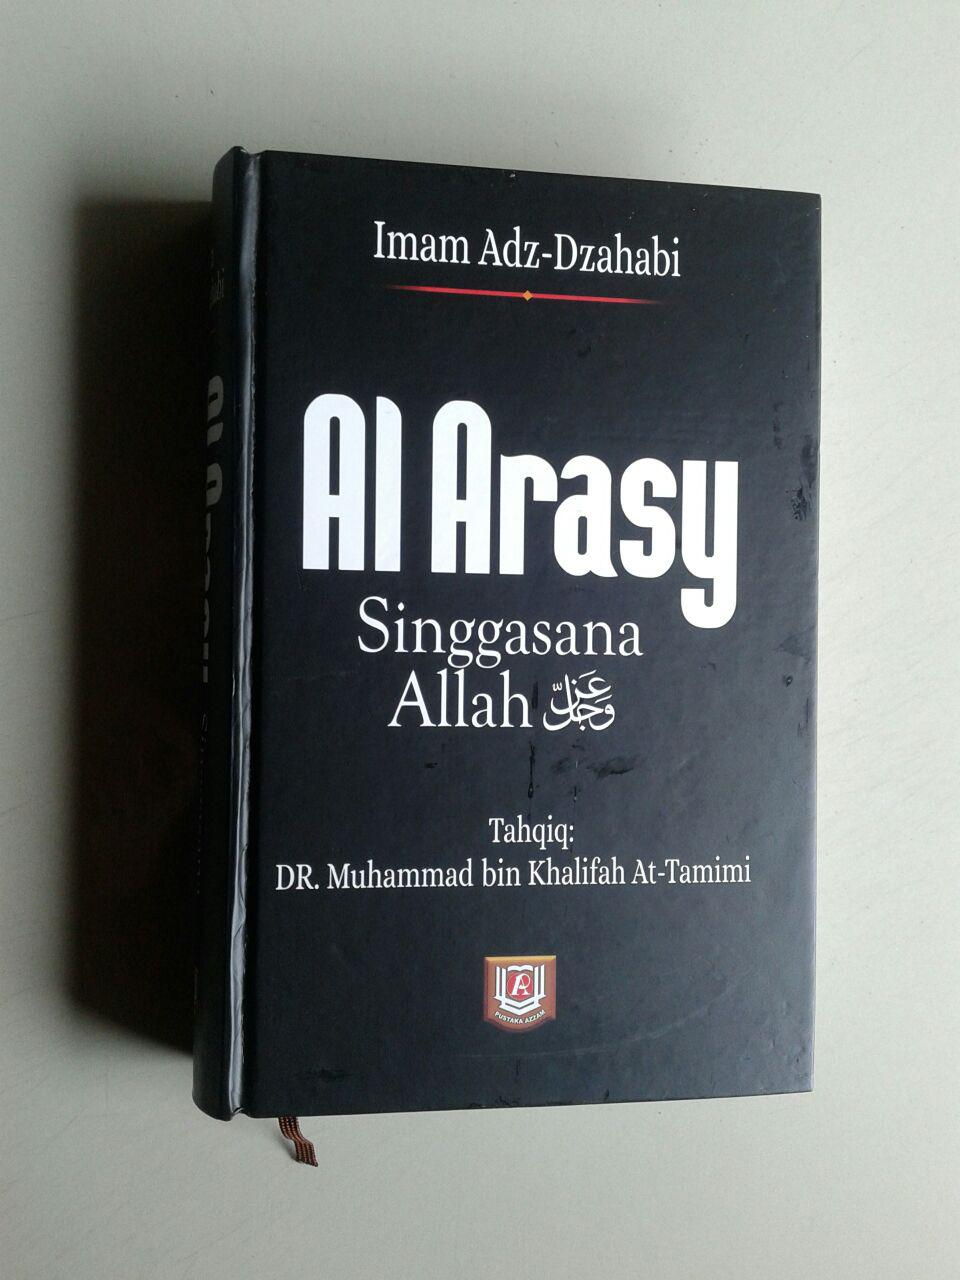 Buku Al Arasy Singgasana Allah Ta'ala cover